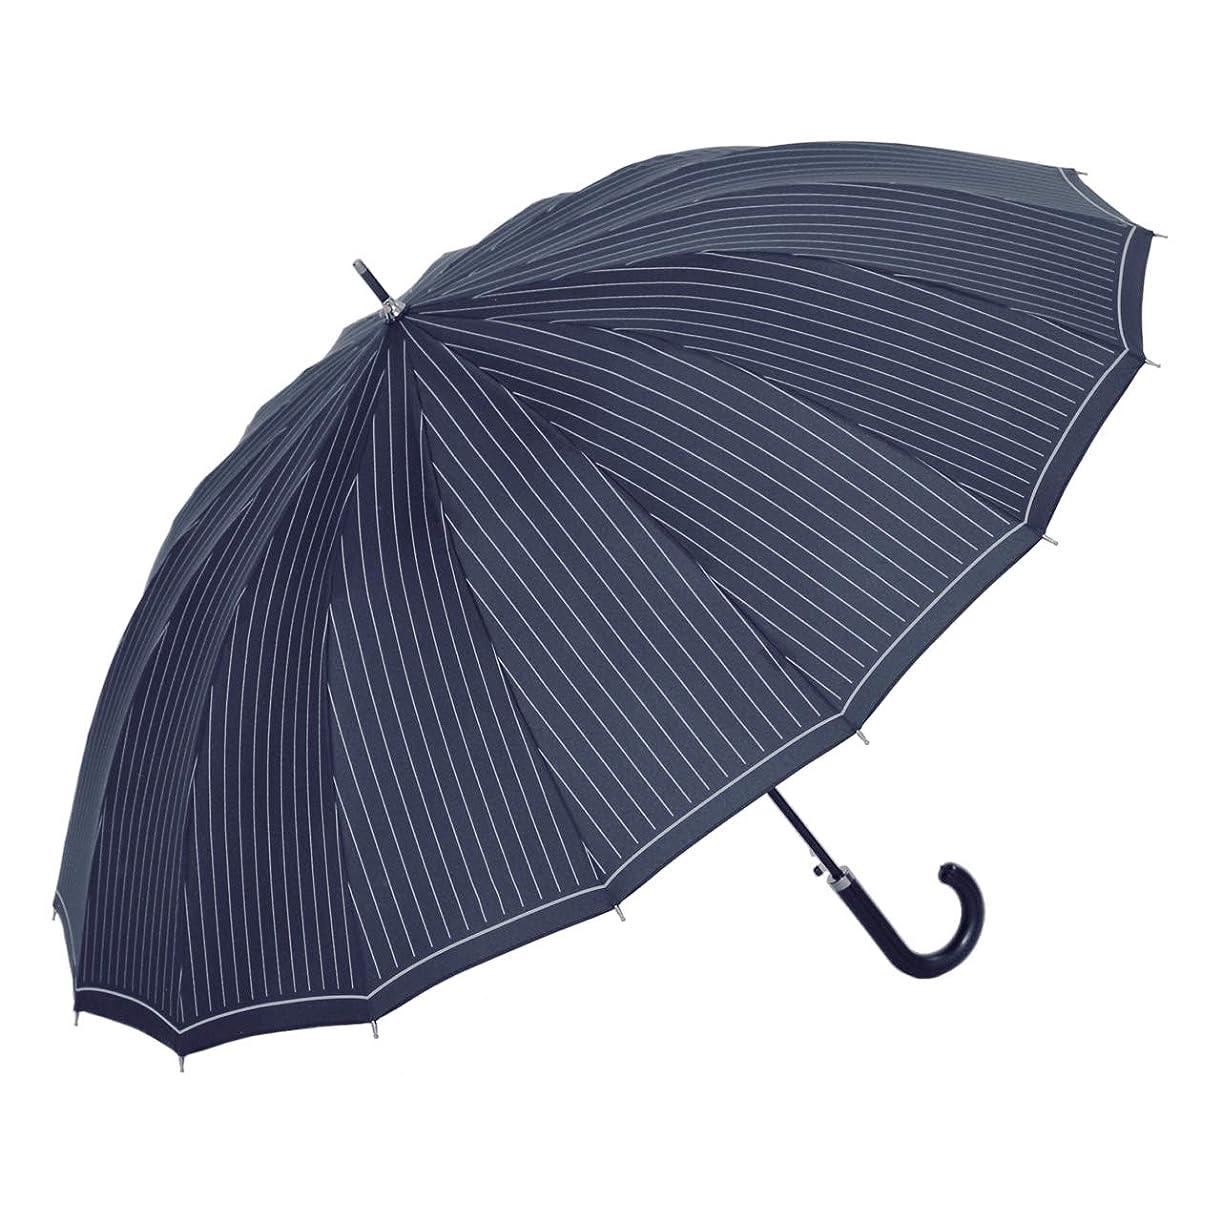 幸運分泌するカブ傘と日傘専門店リーベン(Lieben) 長傘 ネイビー 65cm×8本骨 16本骨ジャンプ傘 65cm ストライプ LIEBEN-0191-n